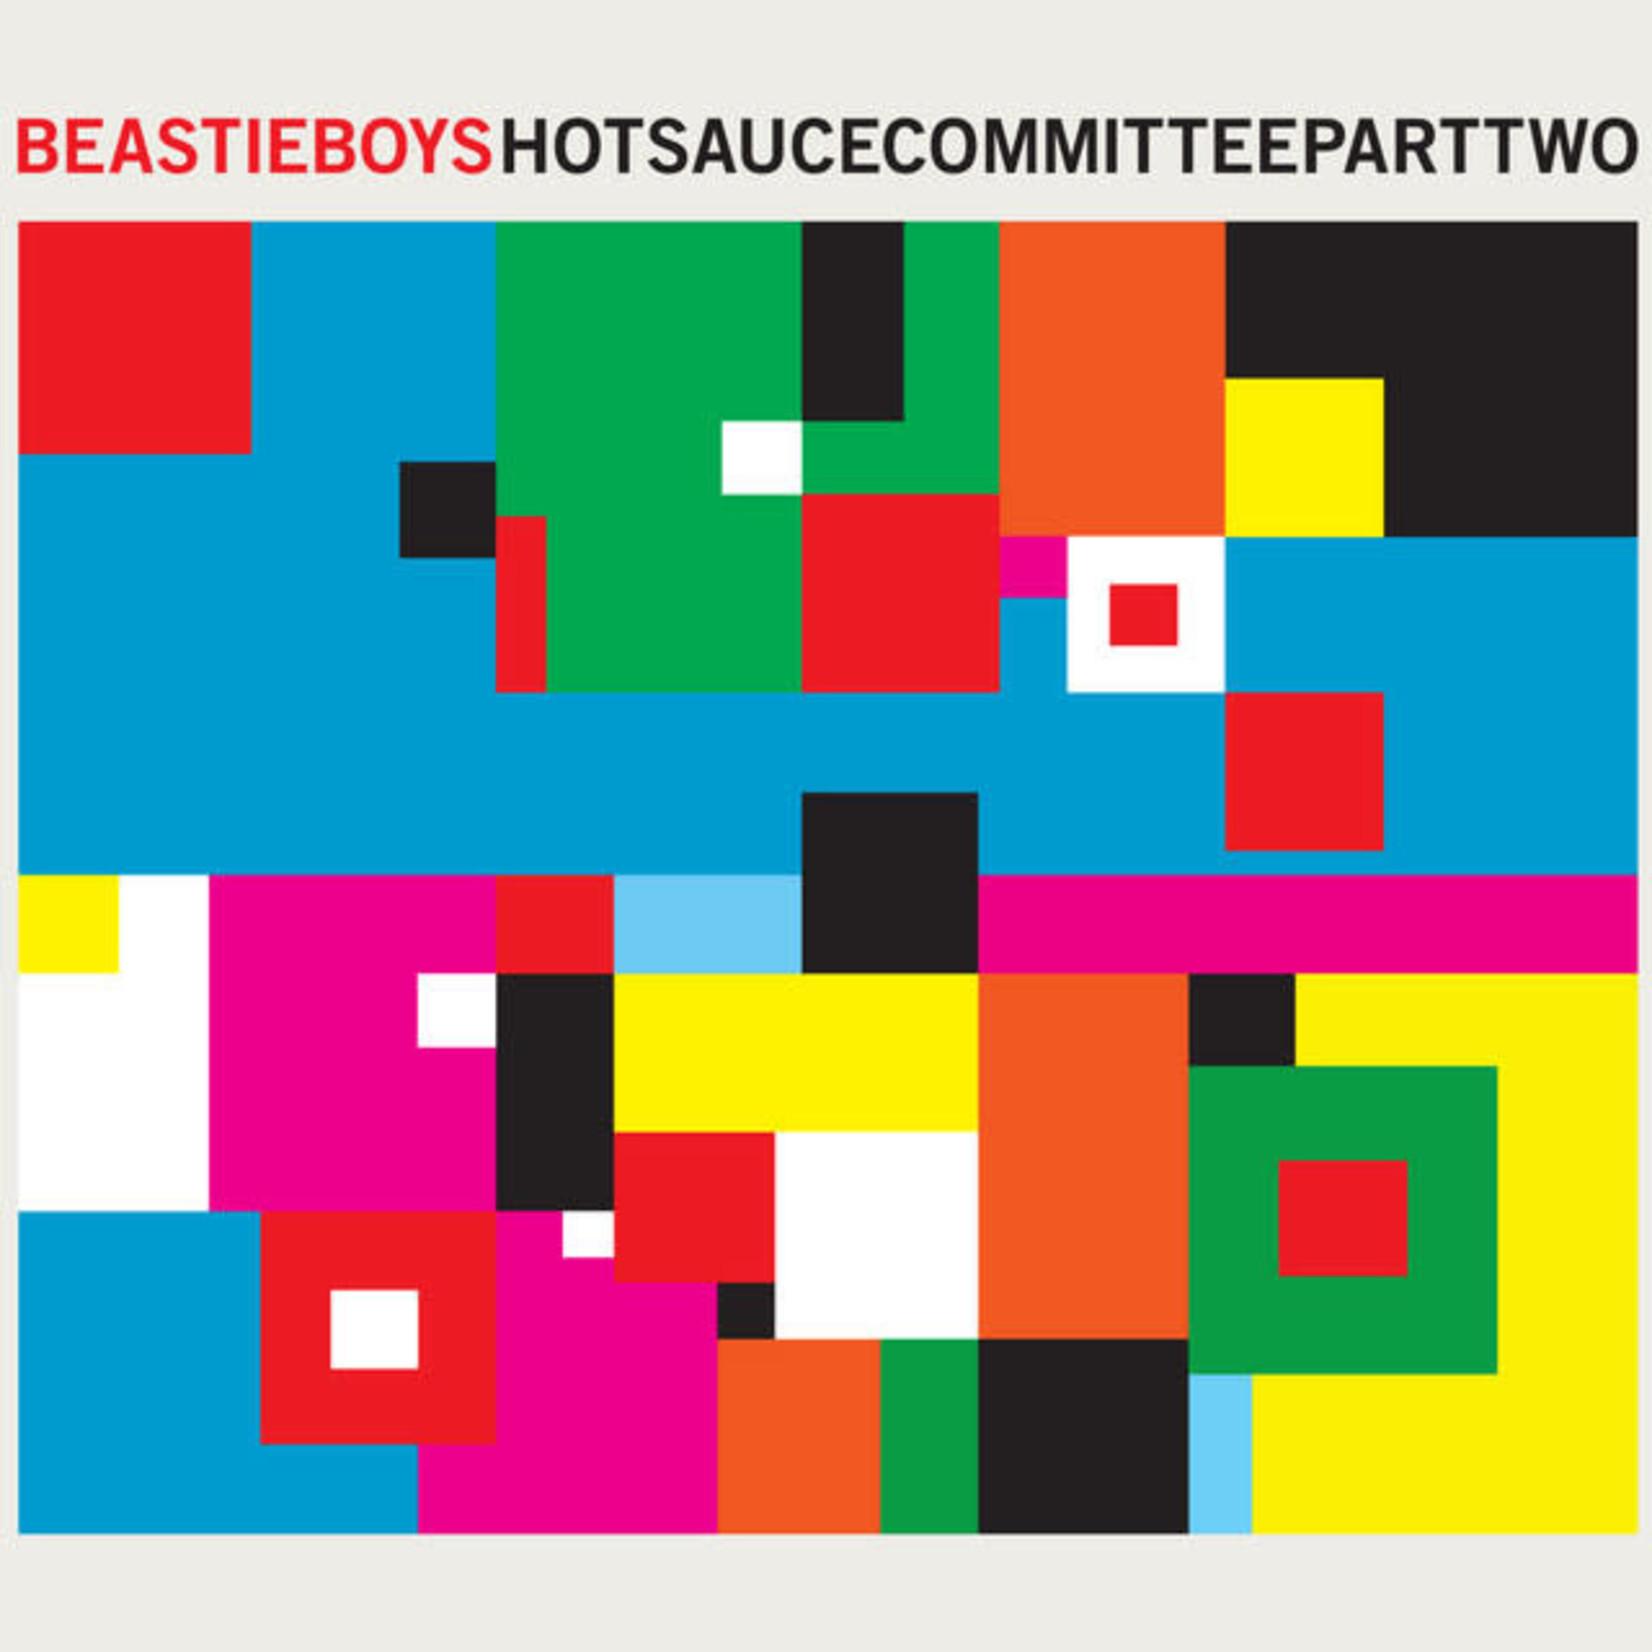 Vinyl Beastie Boys - Hot Sauce Committee Part Two